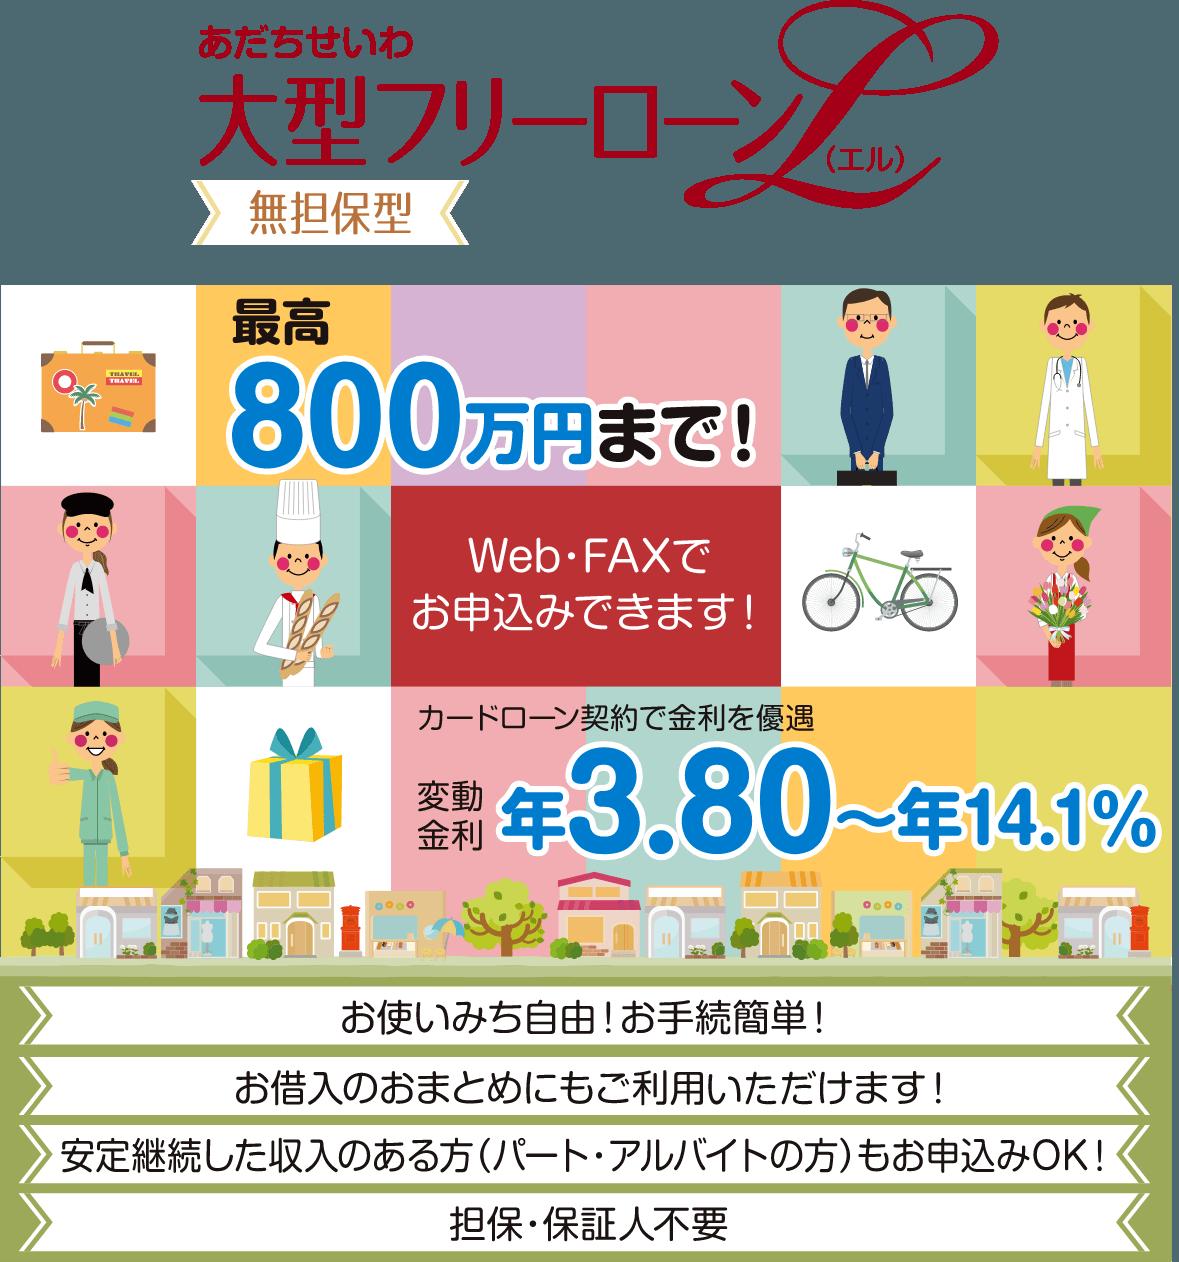 ローン フリー 【2021最新・徹底比較】フリーローンおすすめ人気ランキングを一挙解説!